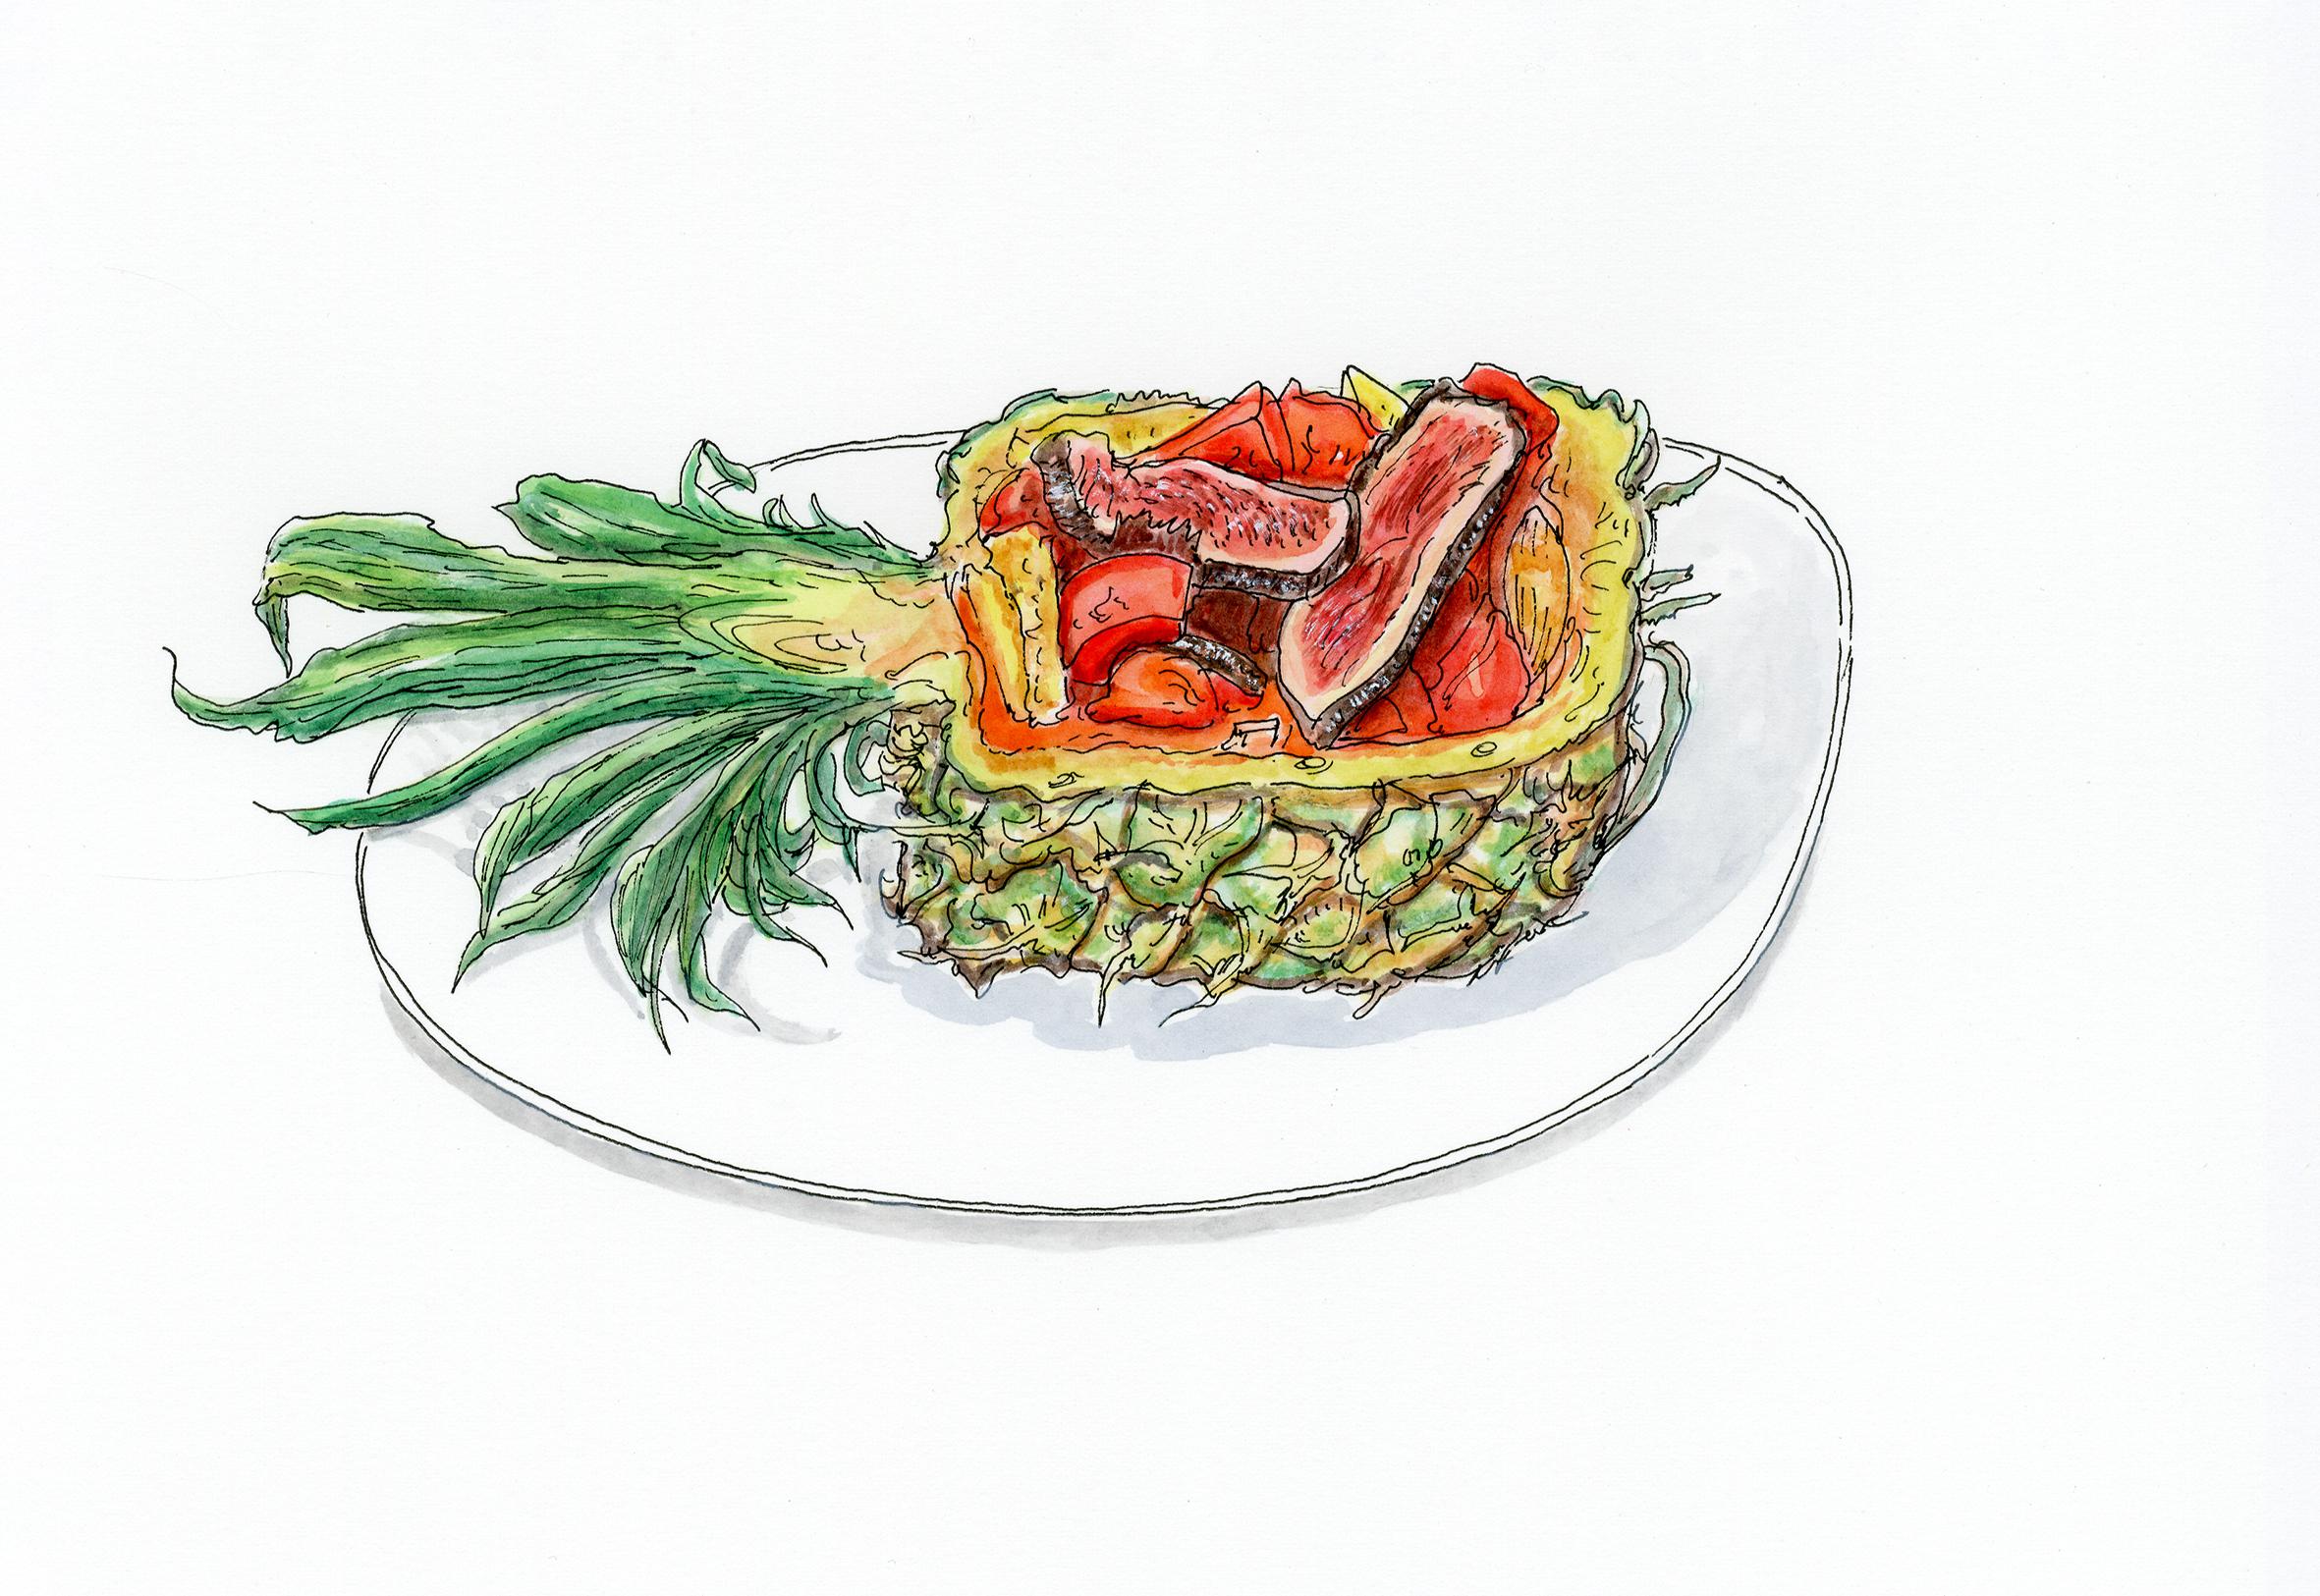 Canard à l'ananas, 25.VII.2020. Encre de Chine et aquarelle sur papier, 26 x 18 cm.